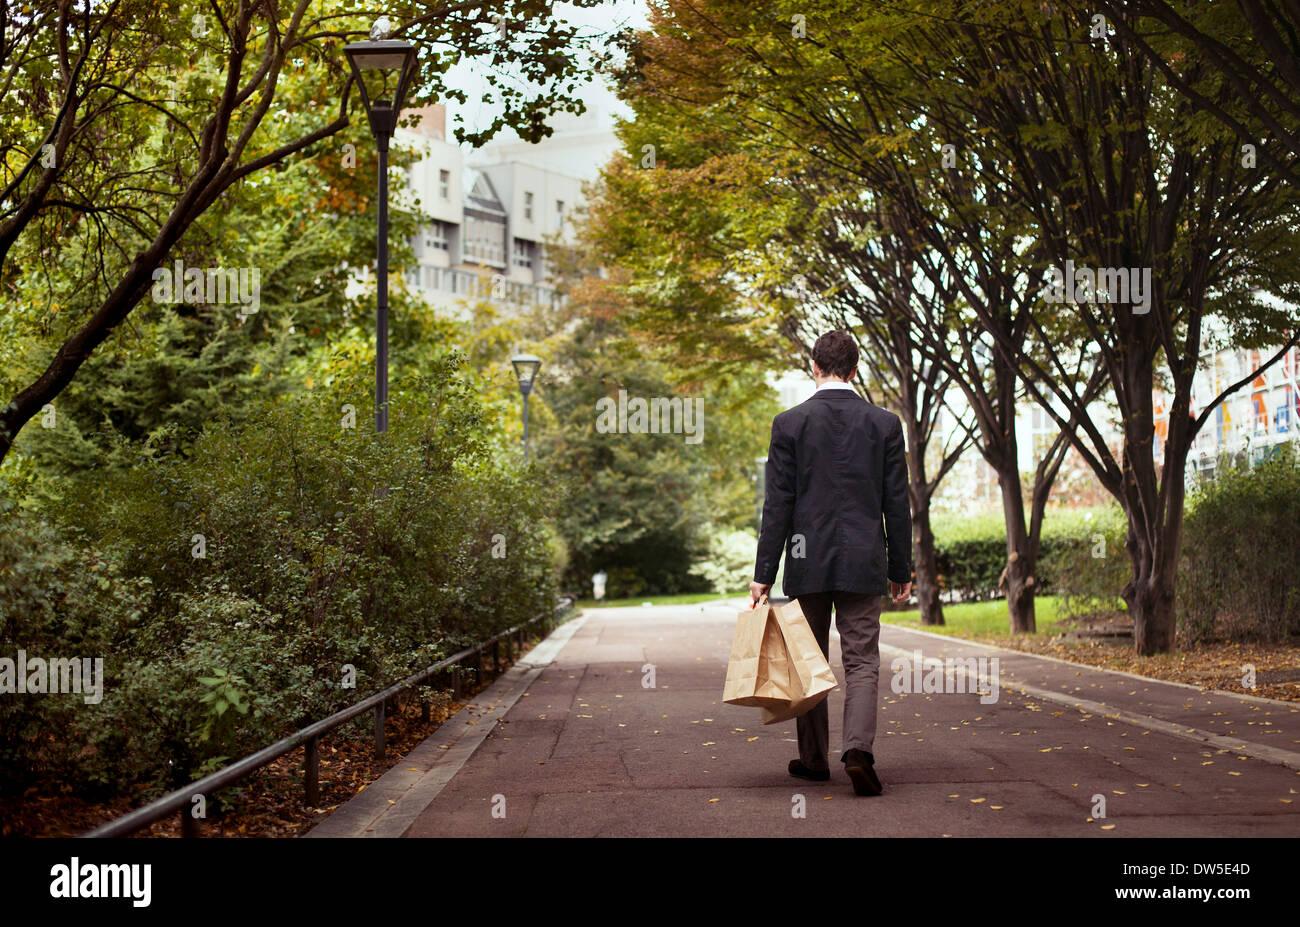 La solitude, l'homme seul shopping après le travail Photo Stock